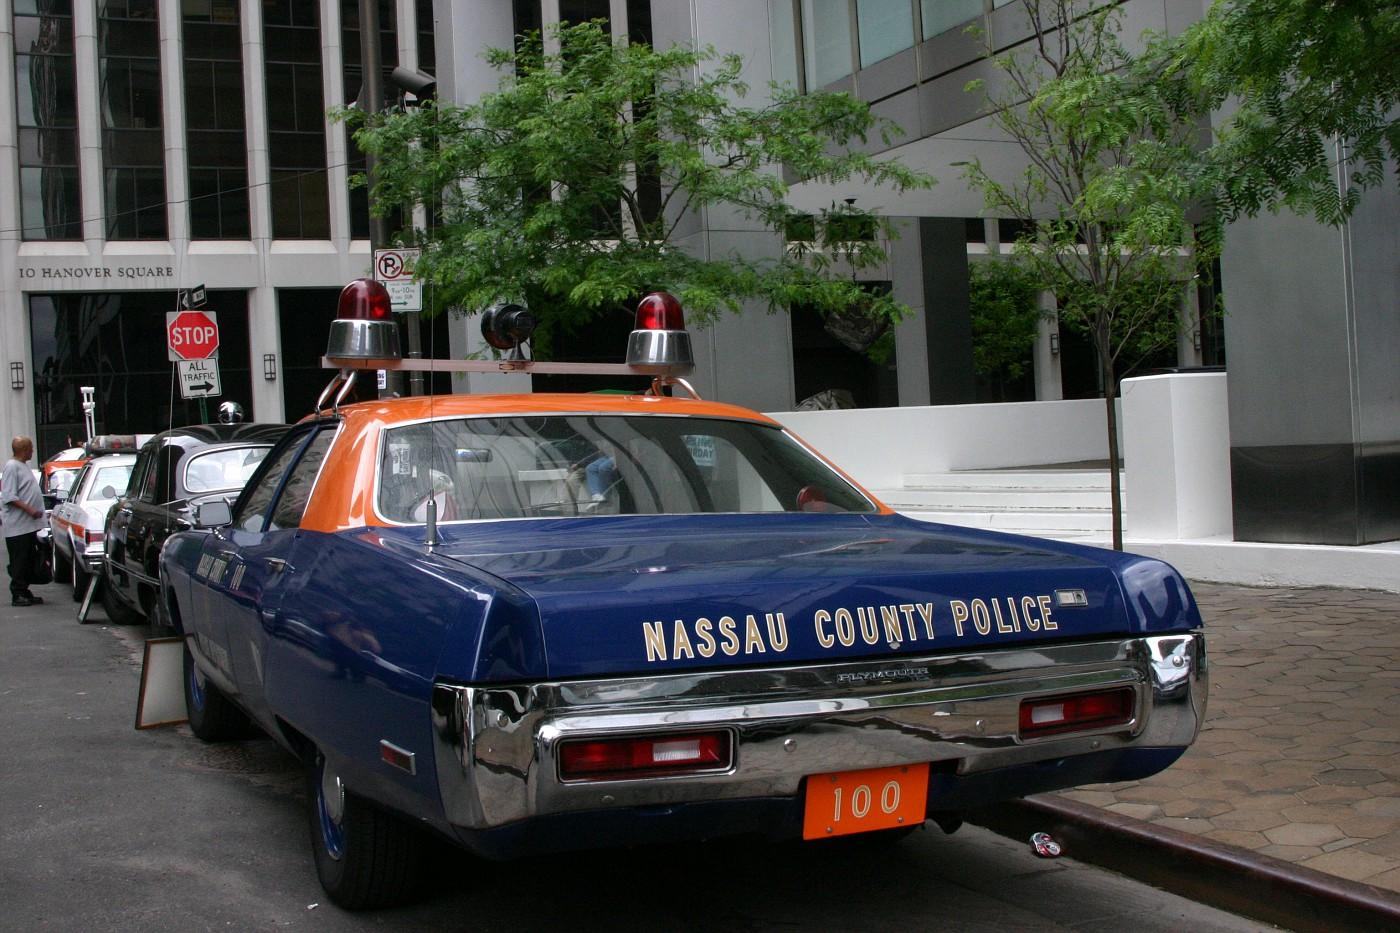 NY - Nassau County Police